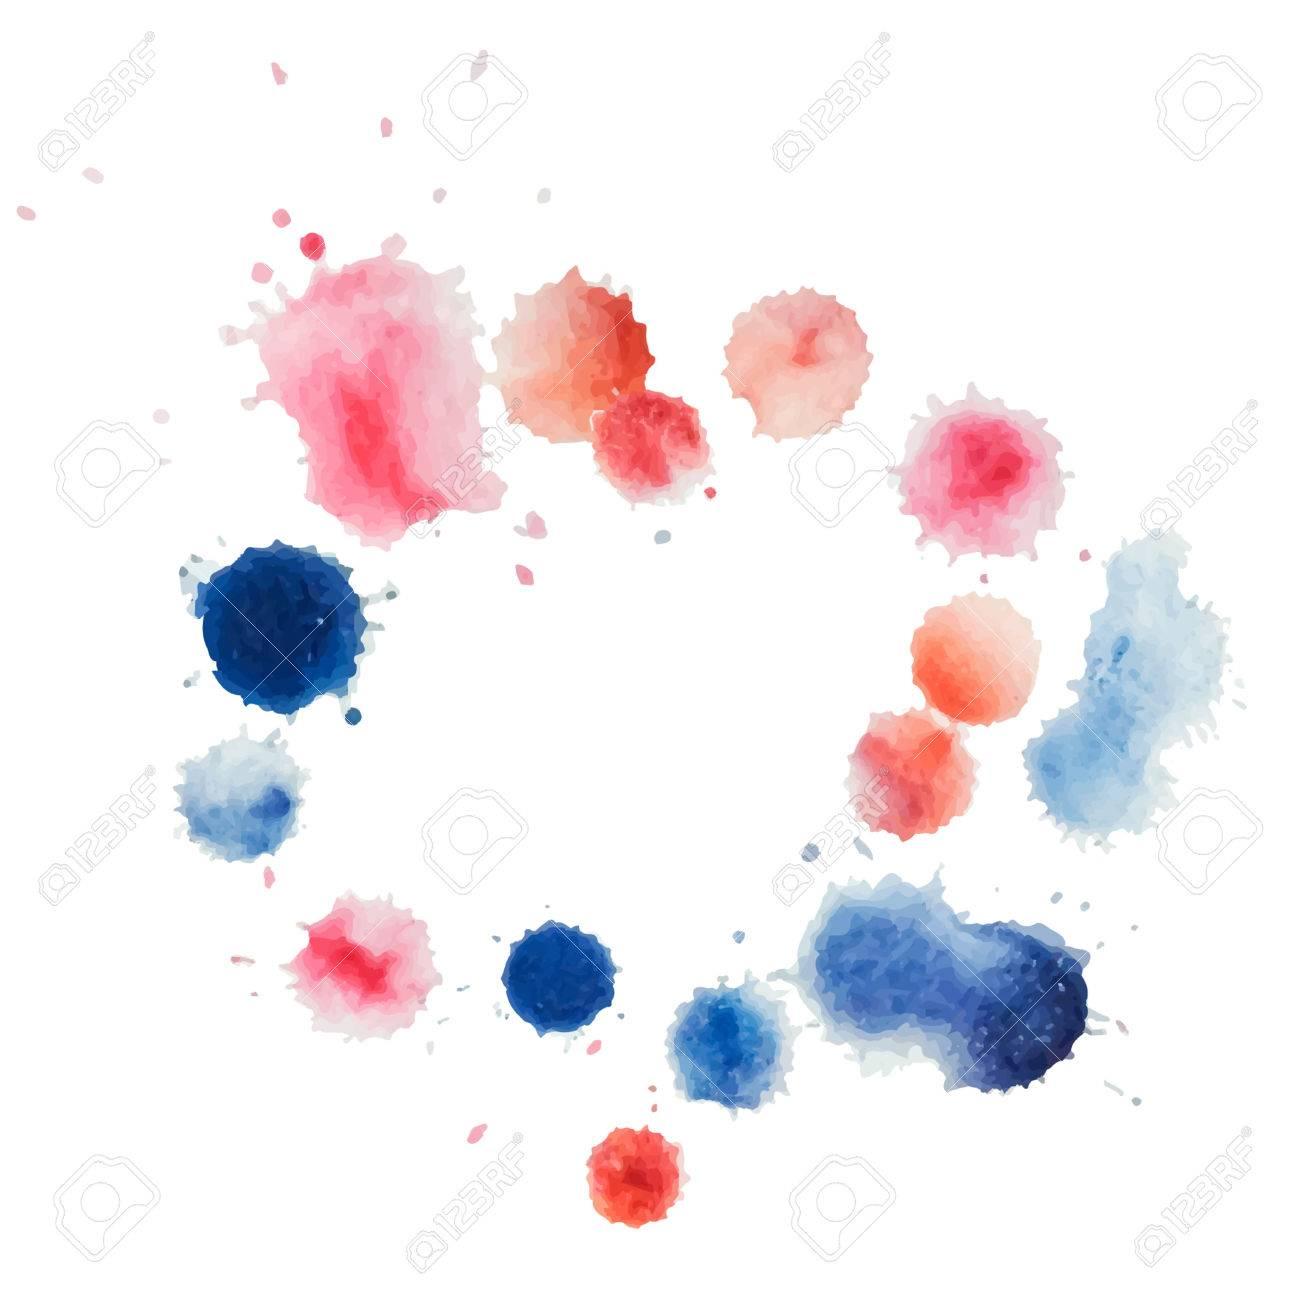 Abstrakt Aquarell Vorlage Hand Farbe Auf Weißem Hintergrund. Vector ...